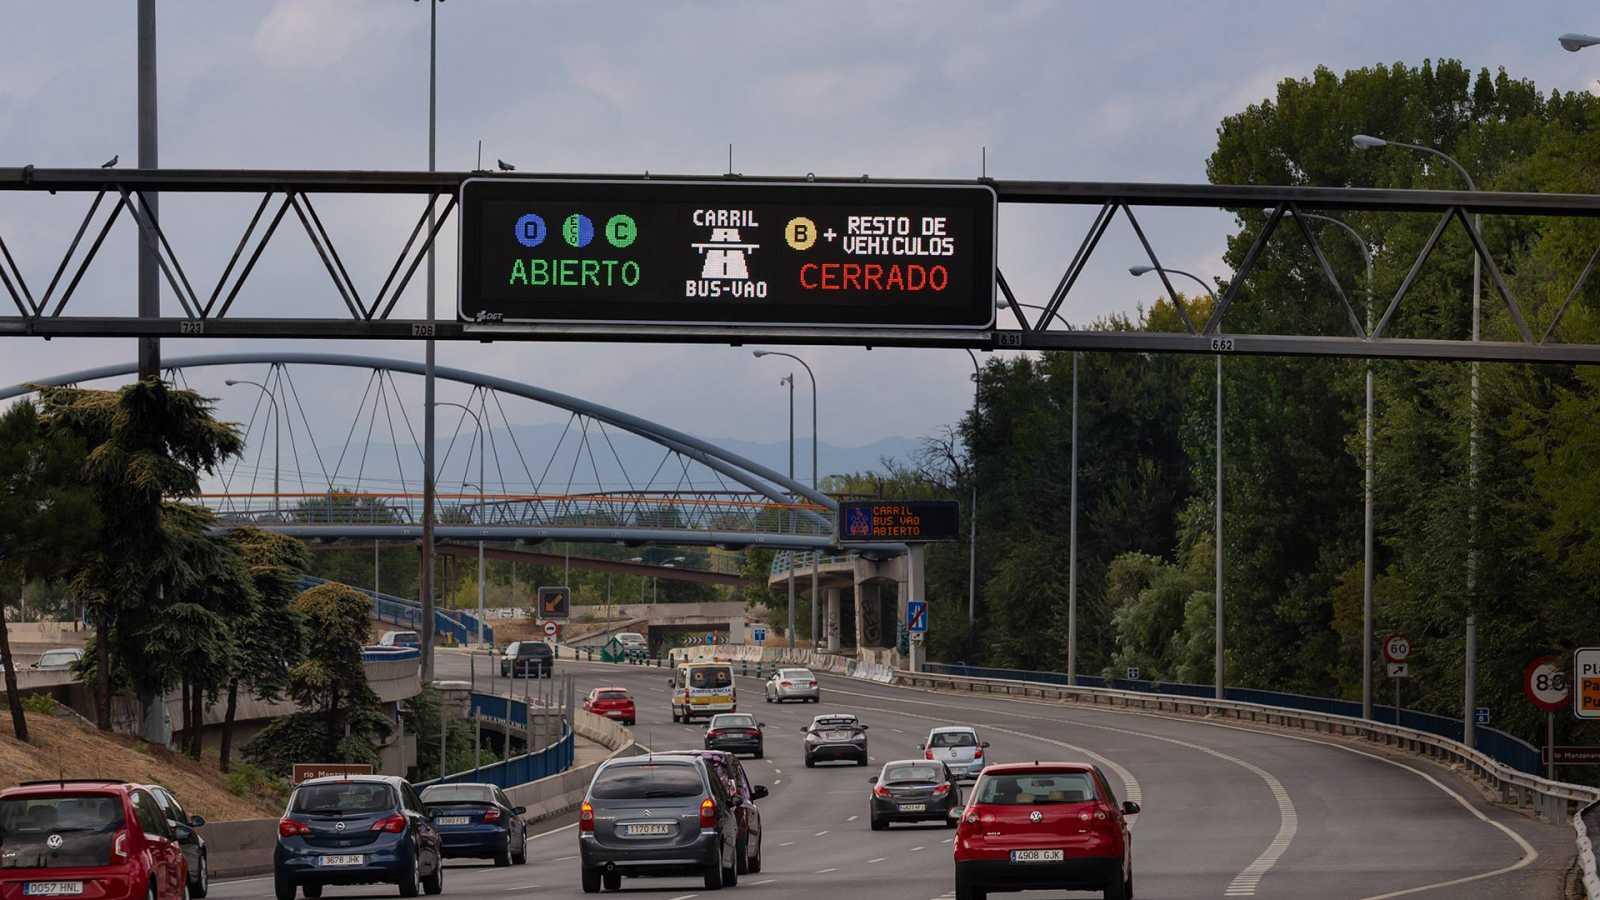 Marca España - Paneles españoles para la información del tráfico en el mundo - 21/01/21 - escuchar ahora